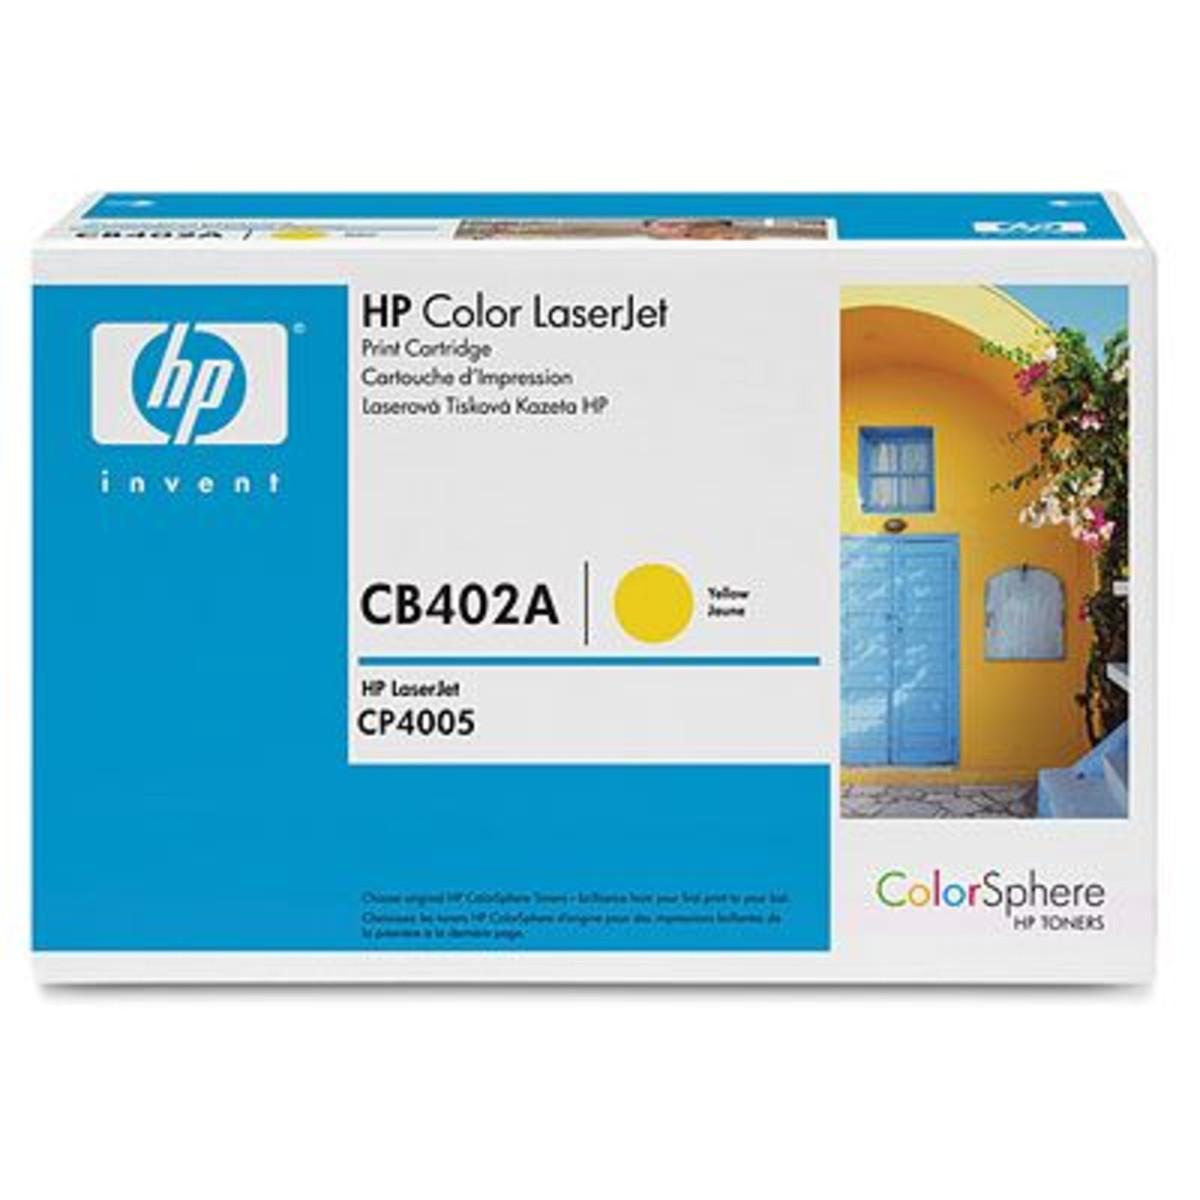 HP 642A (CB402A) Yellow Toner Cratridge